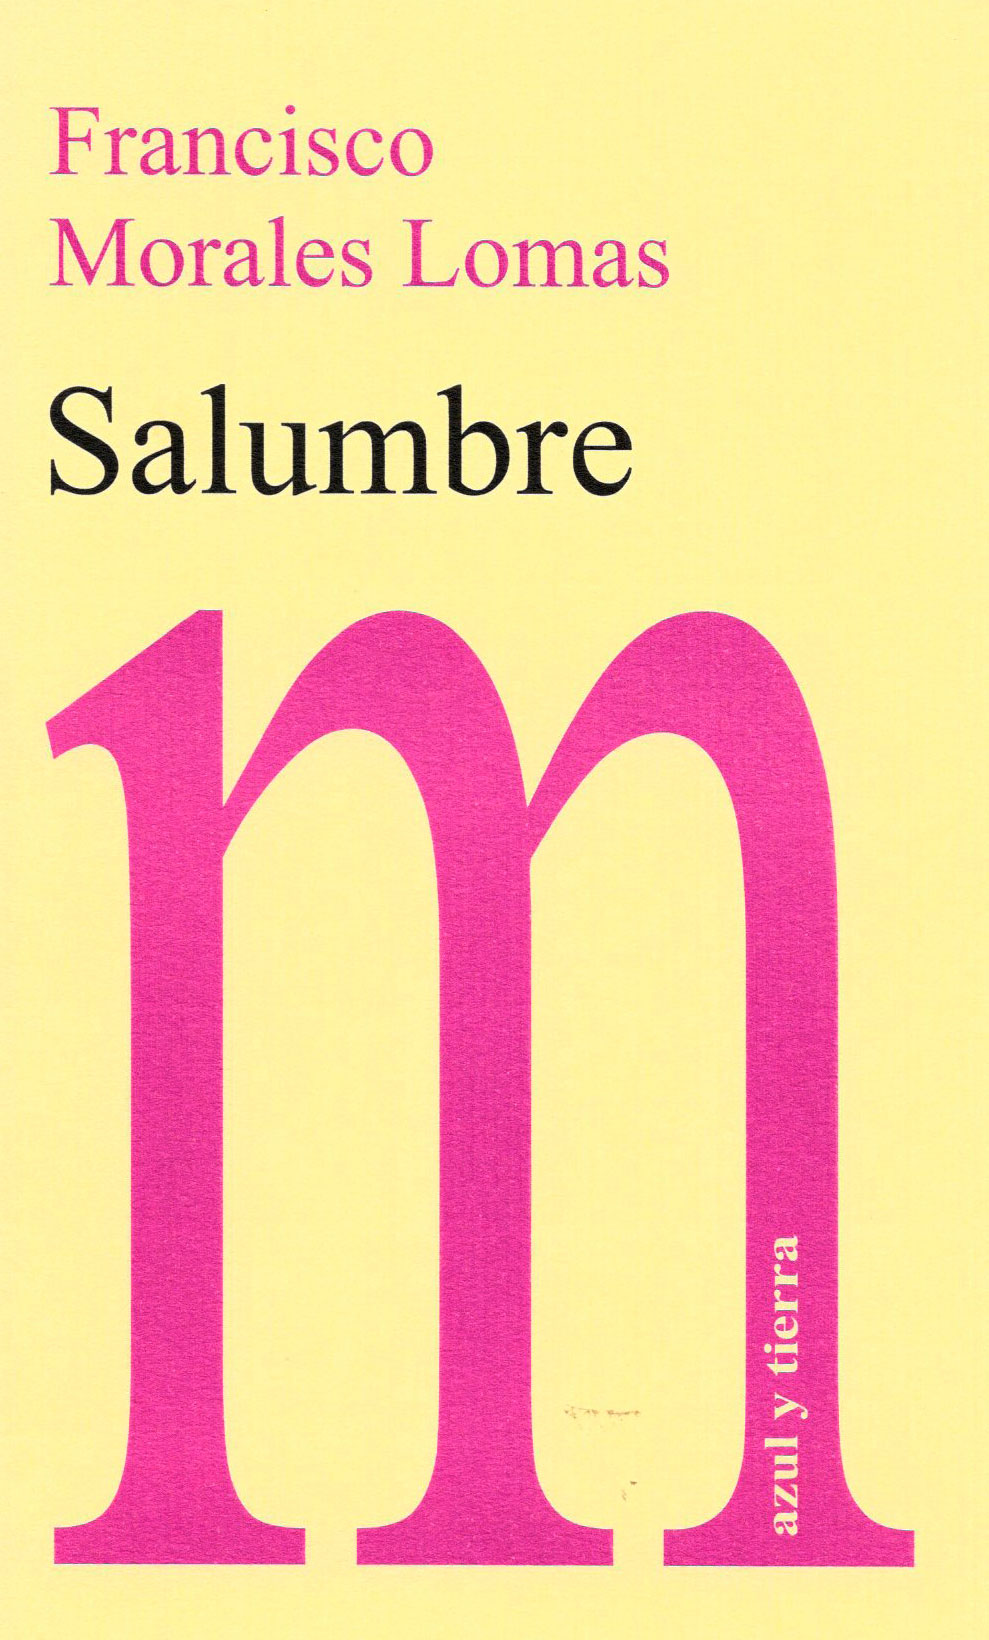 Salumbre, Colección Azul y Tierra, Ed. Corona del Sur, Málaga, 2002.[ISBN 84-95849-05-4]